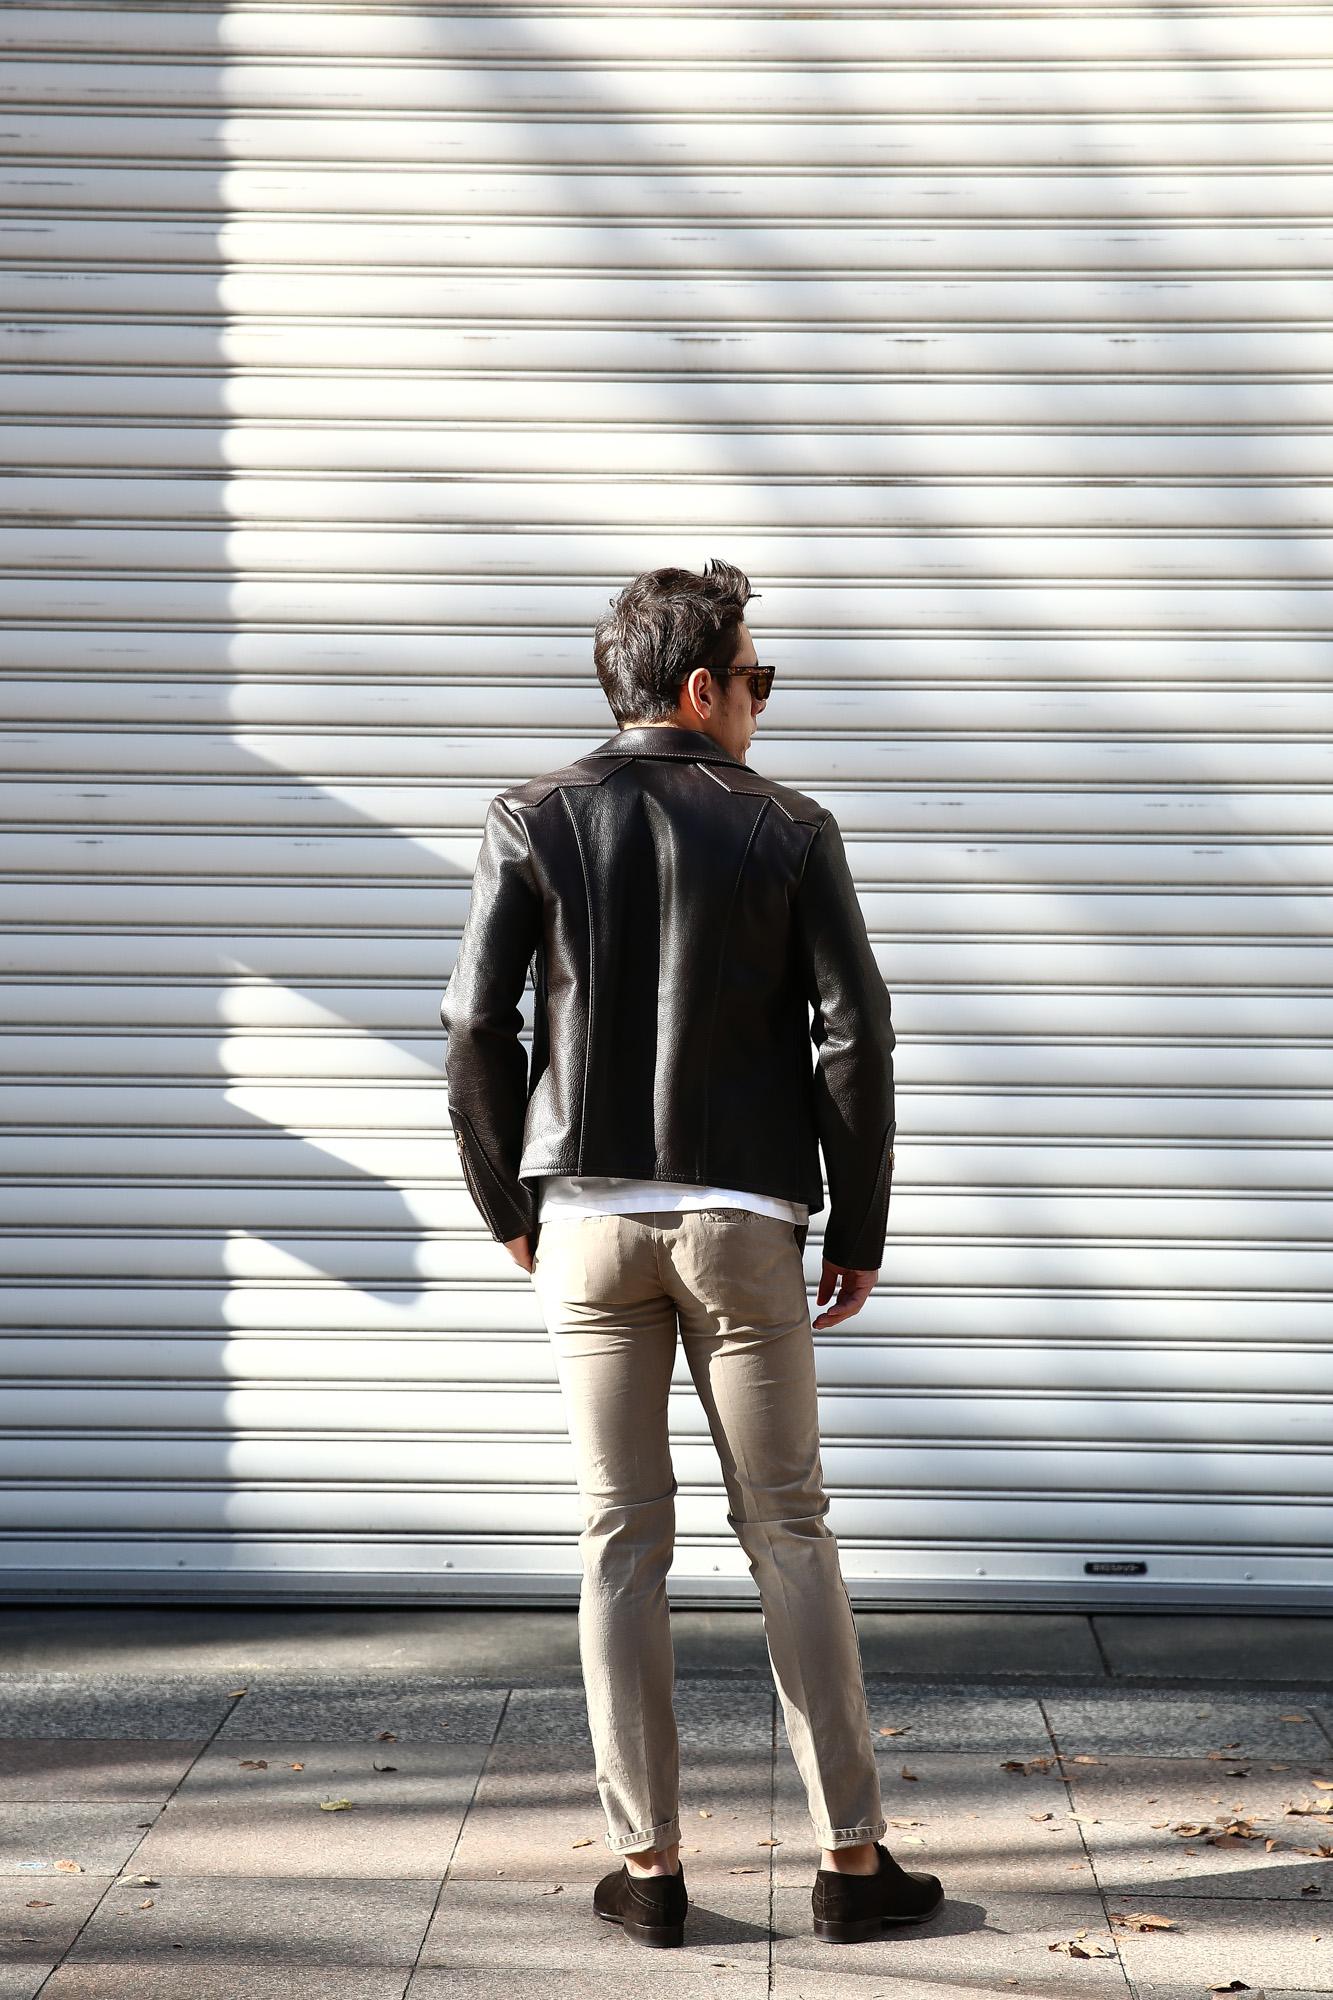 South Paradiso Leather(サウスパラディソレザー) East West イーストウエスト 【WINCHESTER //// ウィンチェスター】 Cow Hide Leather カウハイドレザー レザージャケット DARK BROWN(ダークブラウン) MADE IN USA(アメリカ製) のコーディネート画像、 愛知 名古屋 Alto e Diritto アルト エ デリット サウスパラディソ パラディソ レザー ヴィンテージ ビンテージ